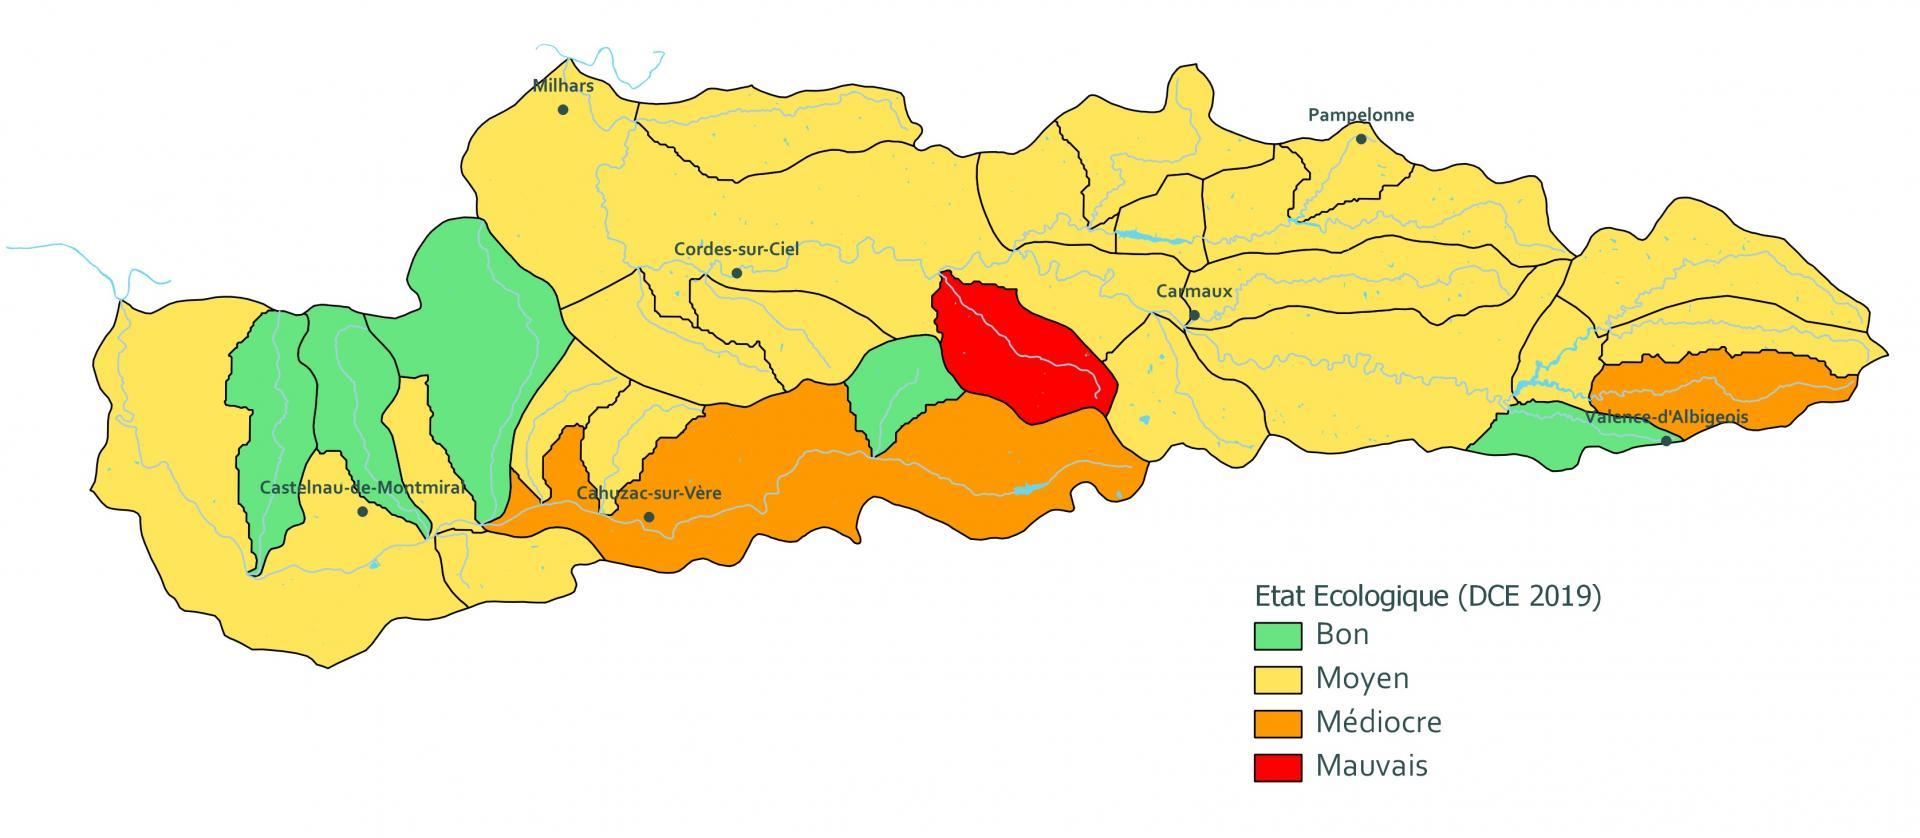 Carte etat ecologique edl2019 site